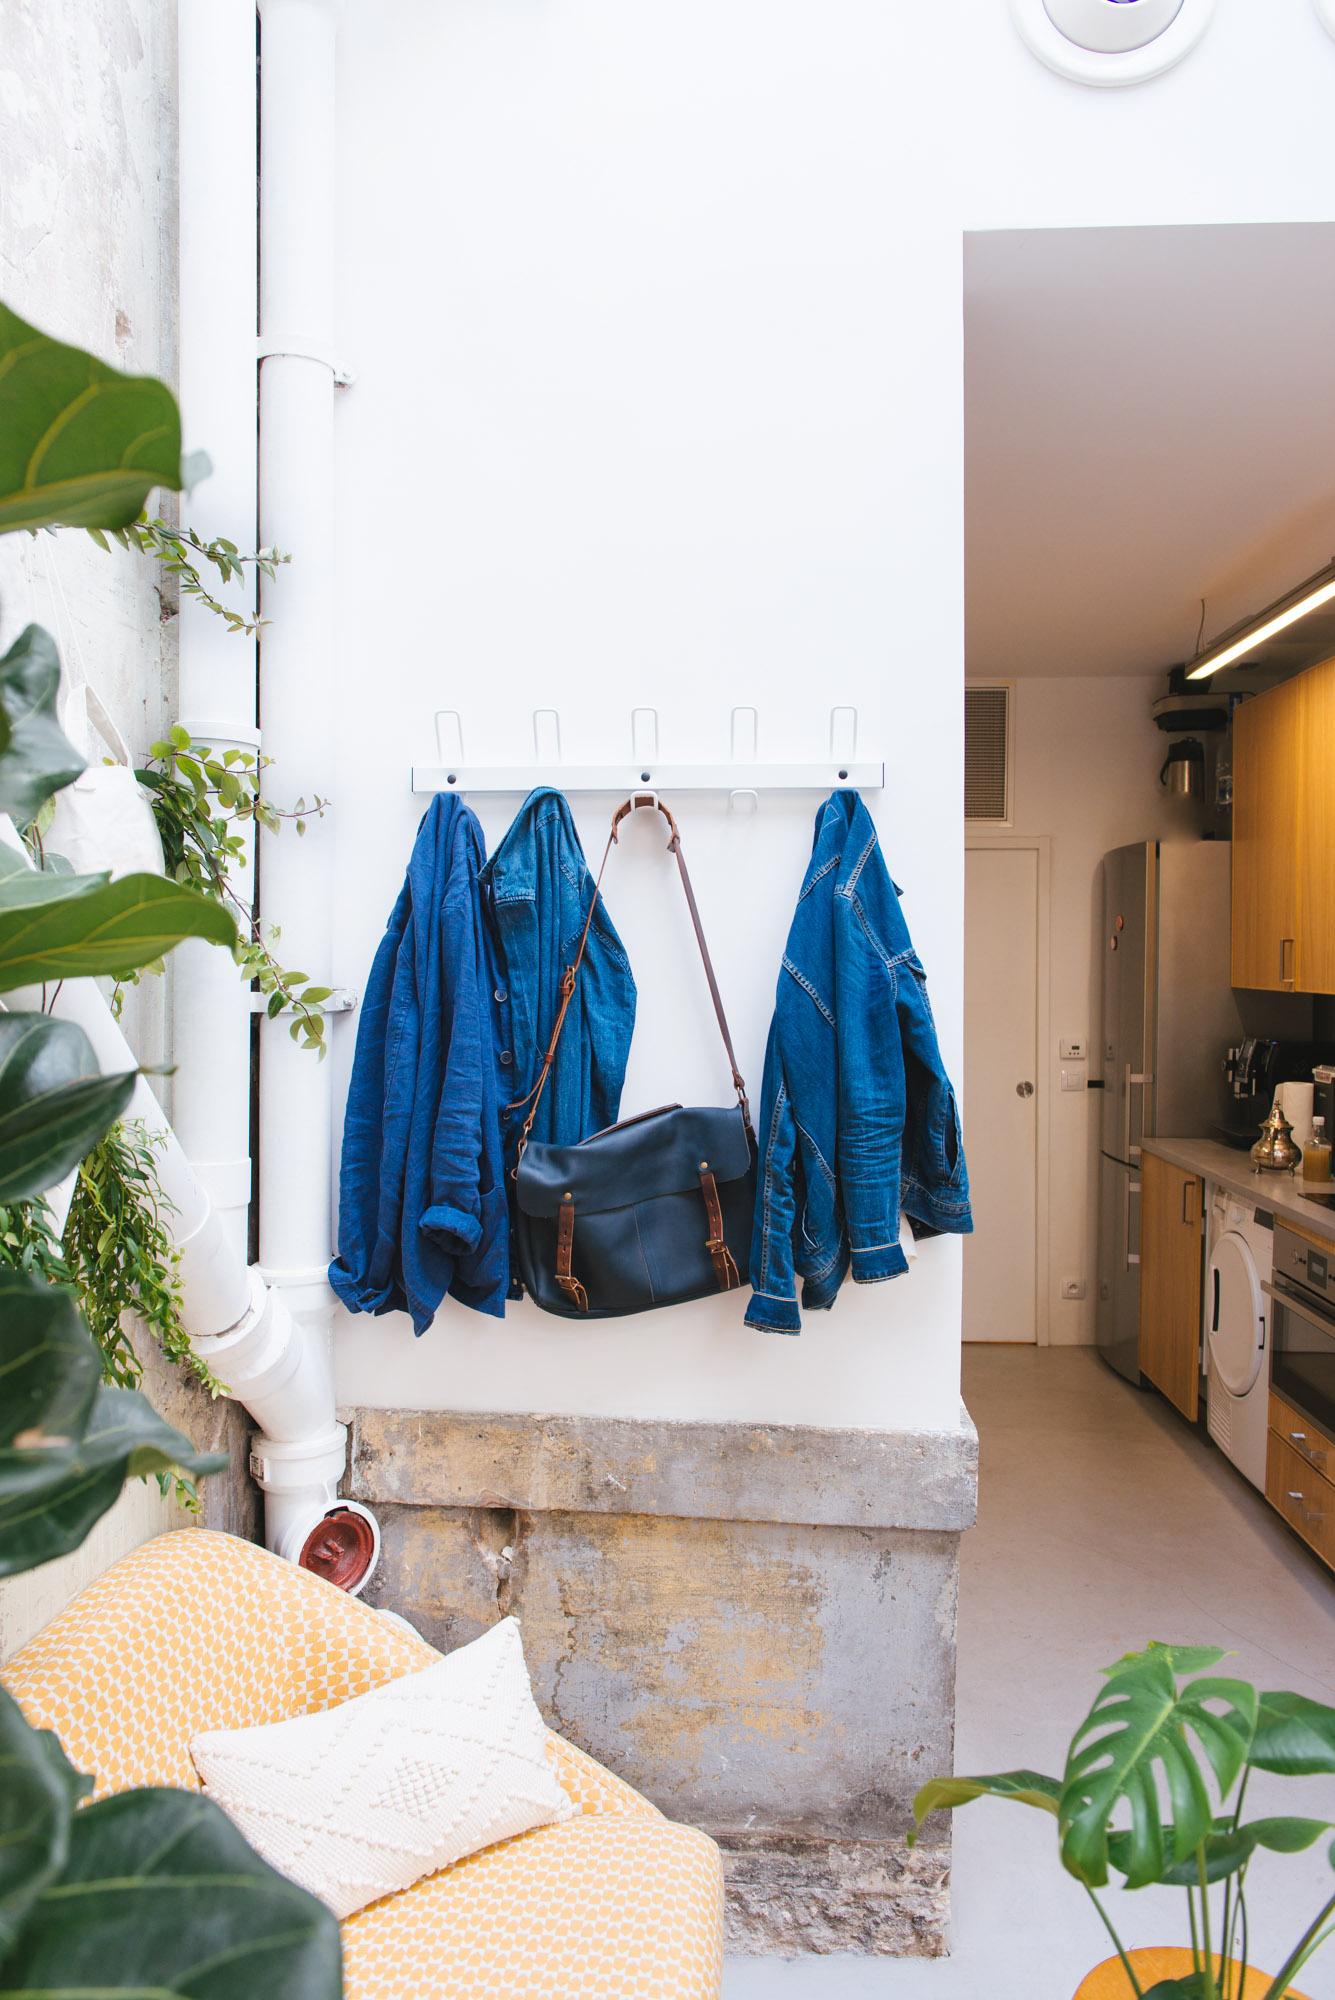 bleu de travail bienfaits plantes décoration végétale végétalisation bureaux